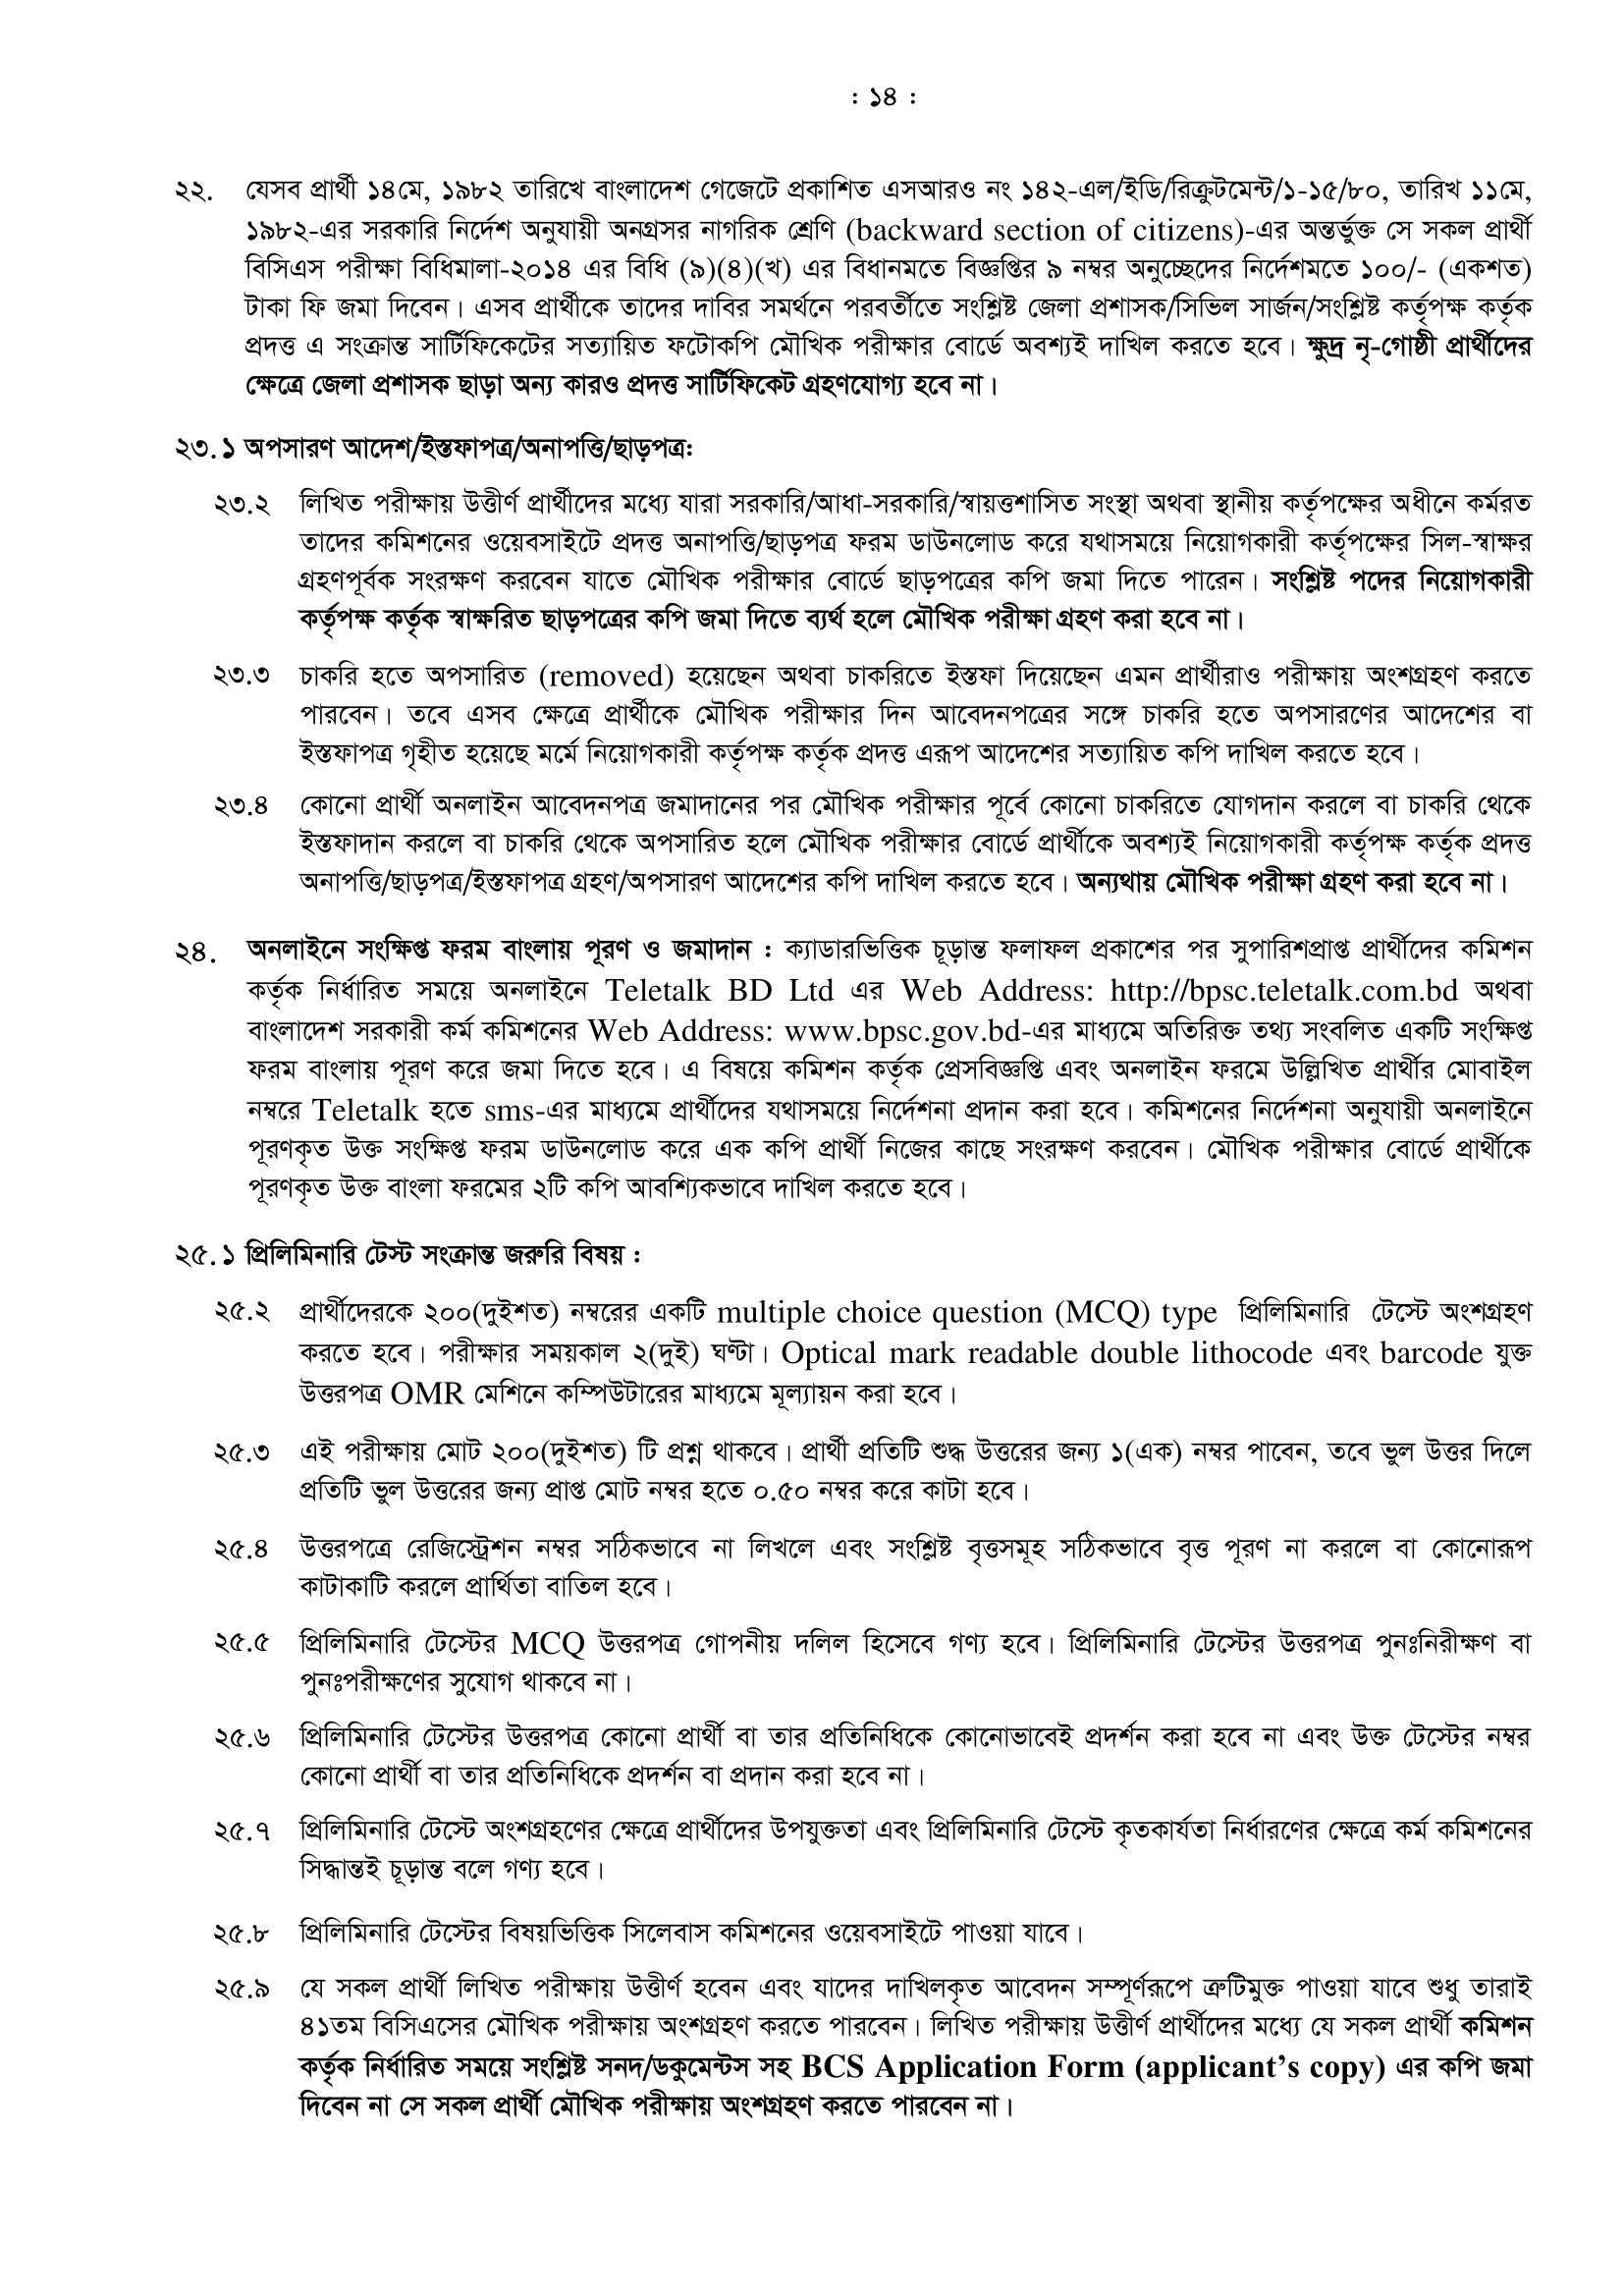 ৪১-তম-বিসিএসের-বিজ্ঞপ্তি